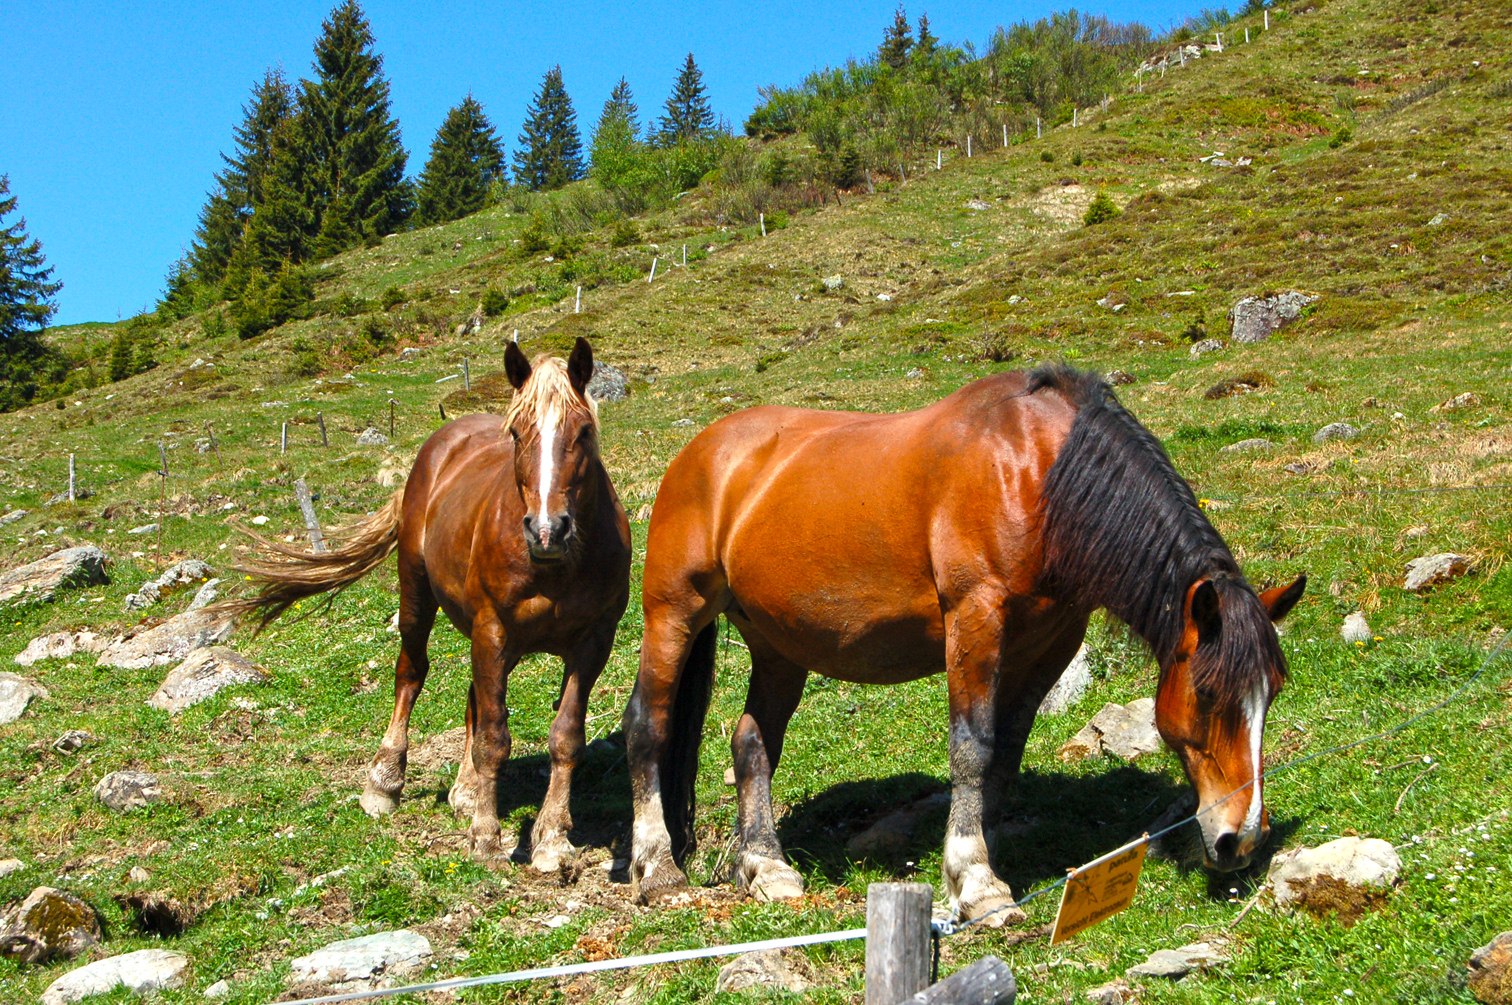 Pferde, Kühe, Schafe, man befindet sich mitten in der Natur.